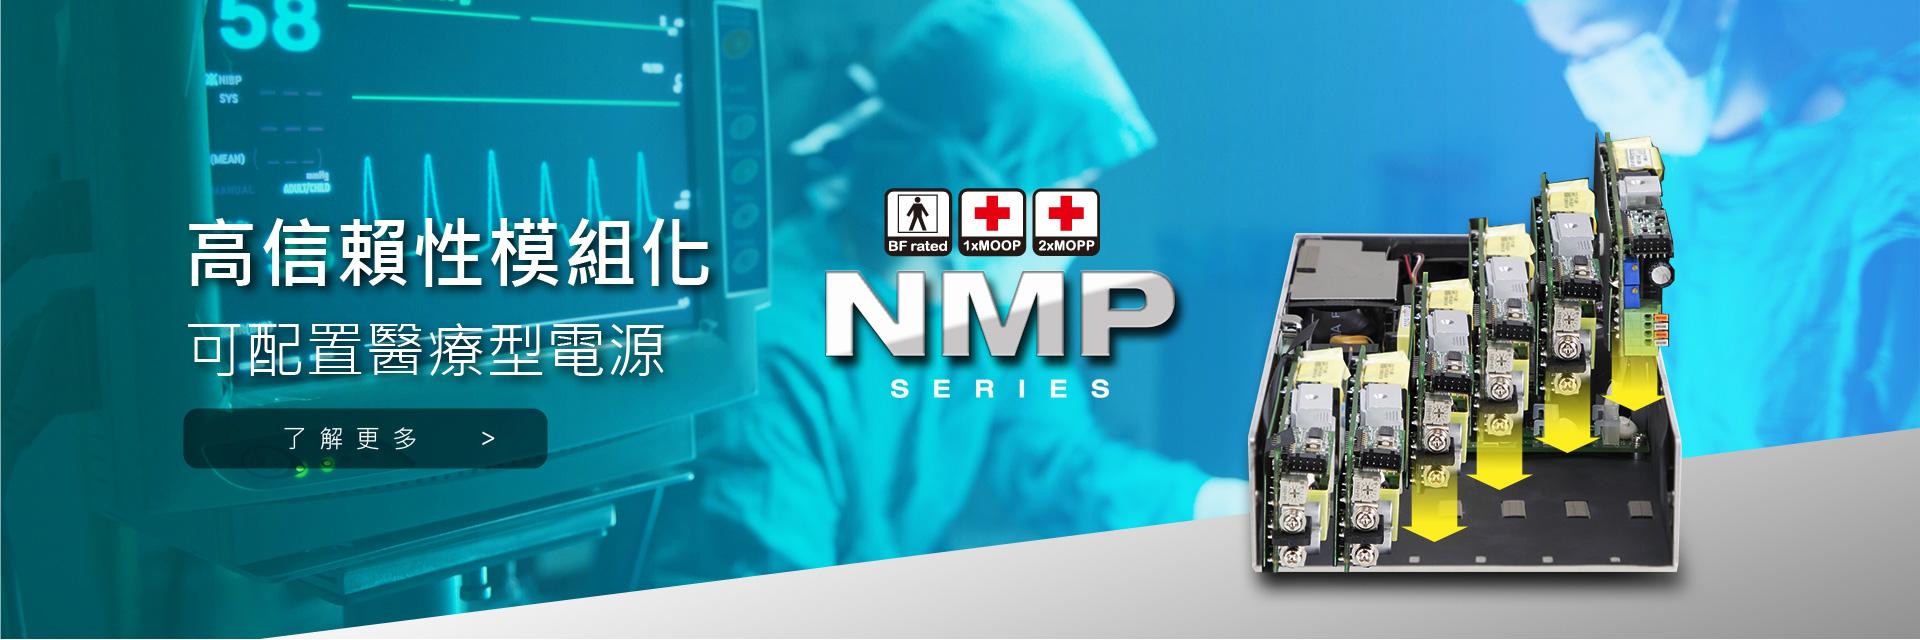 NMP-CH